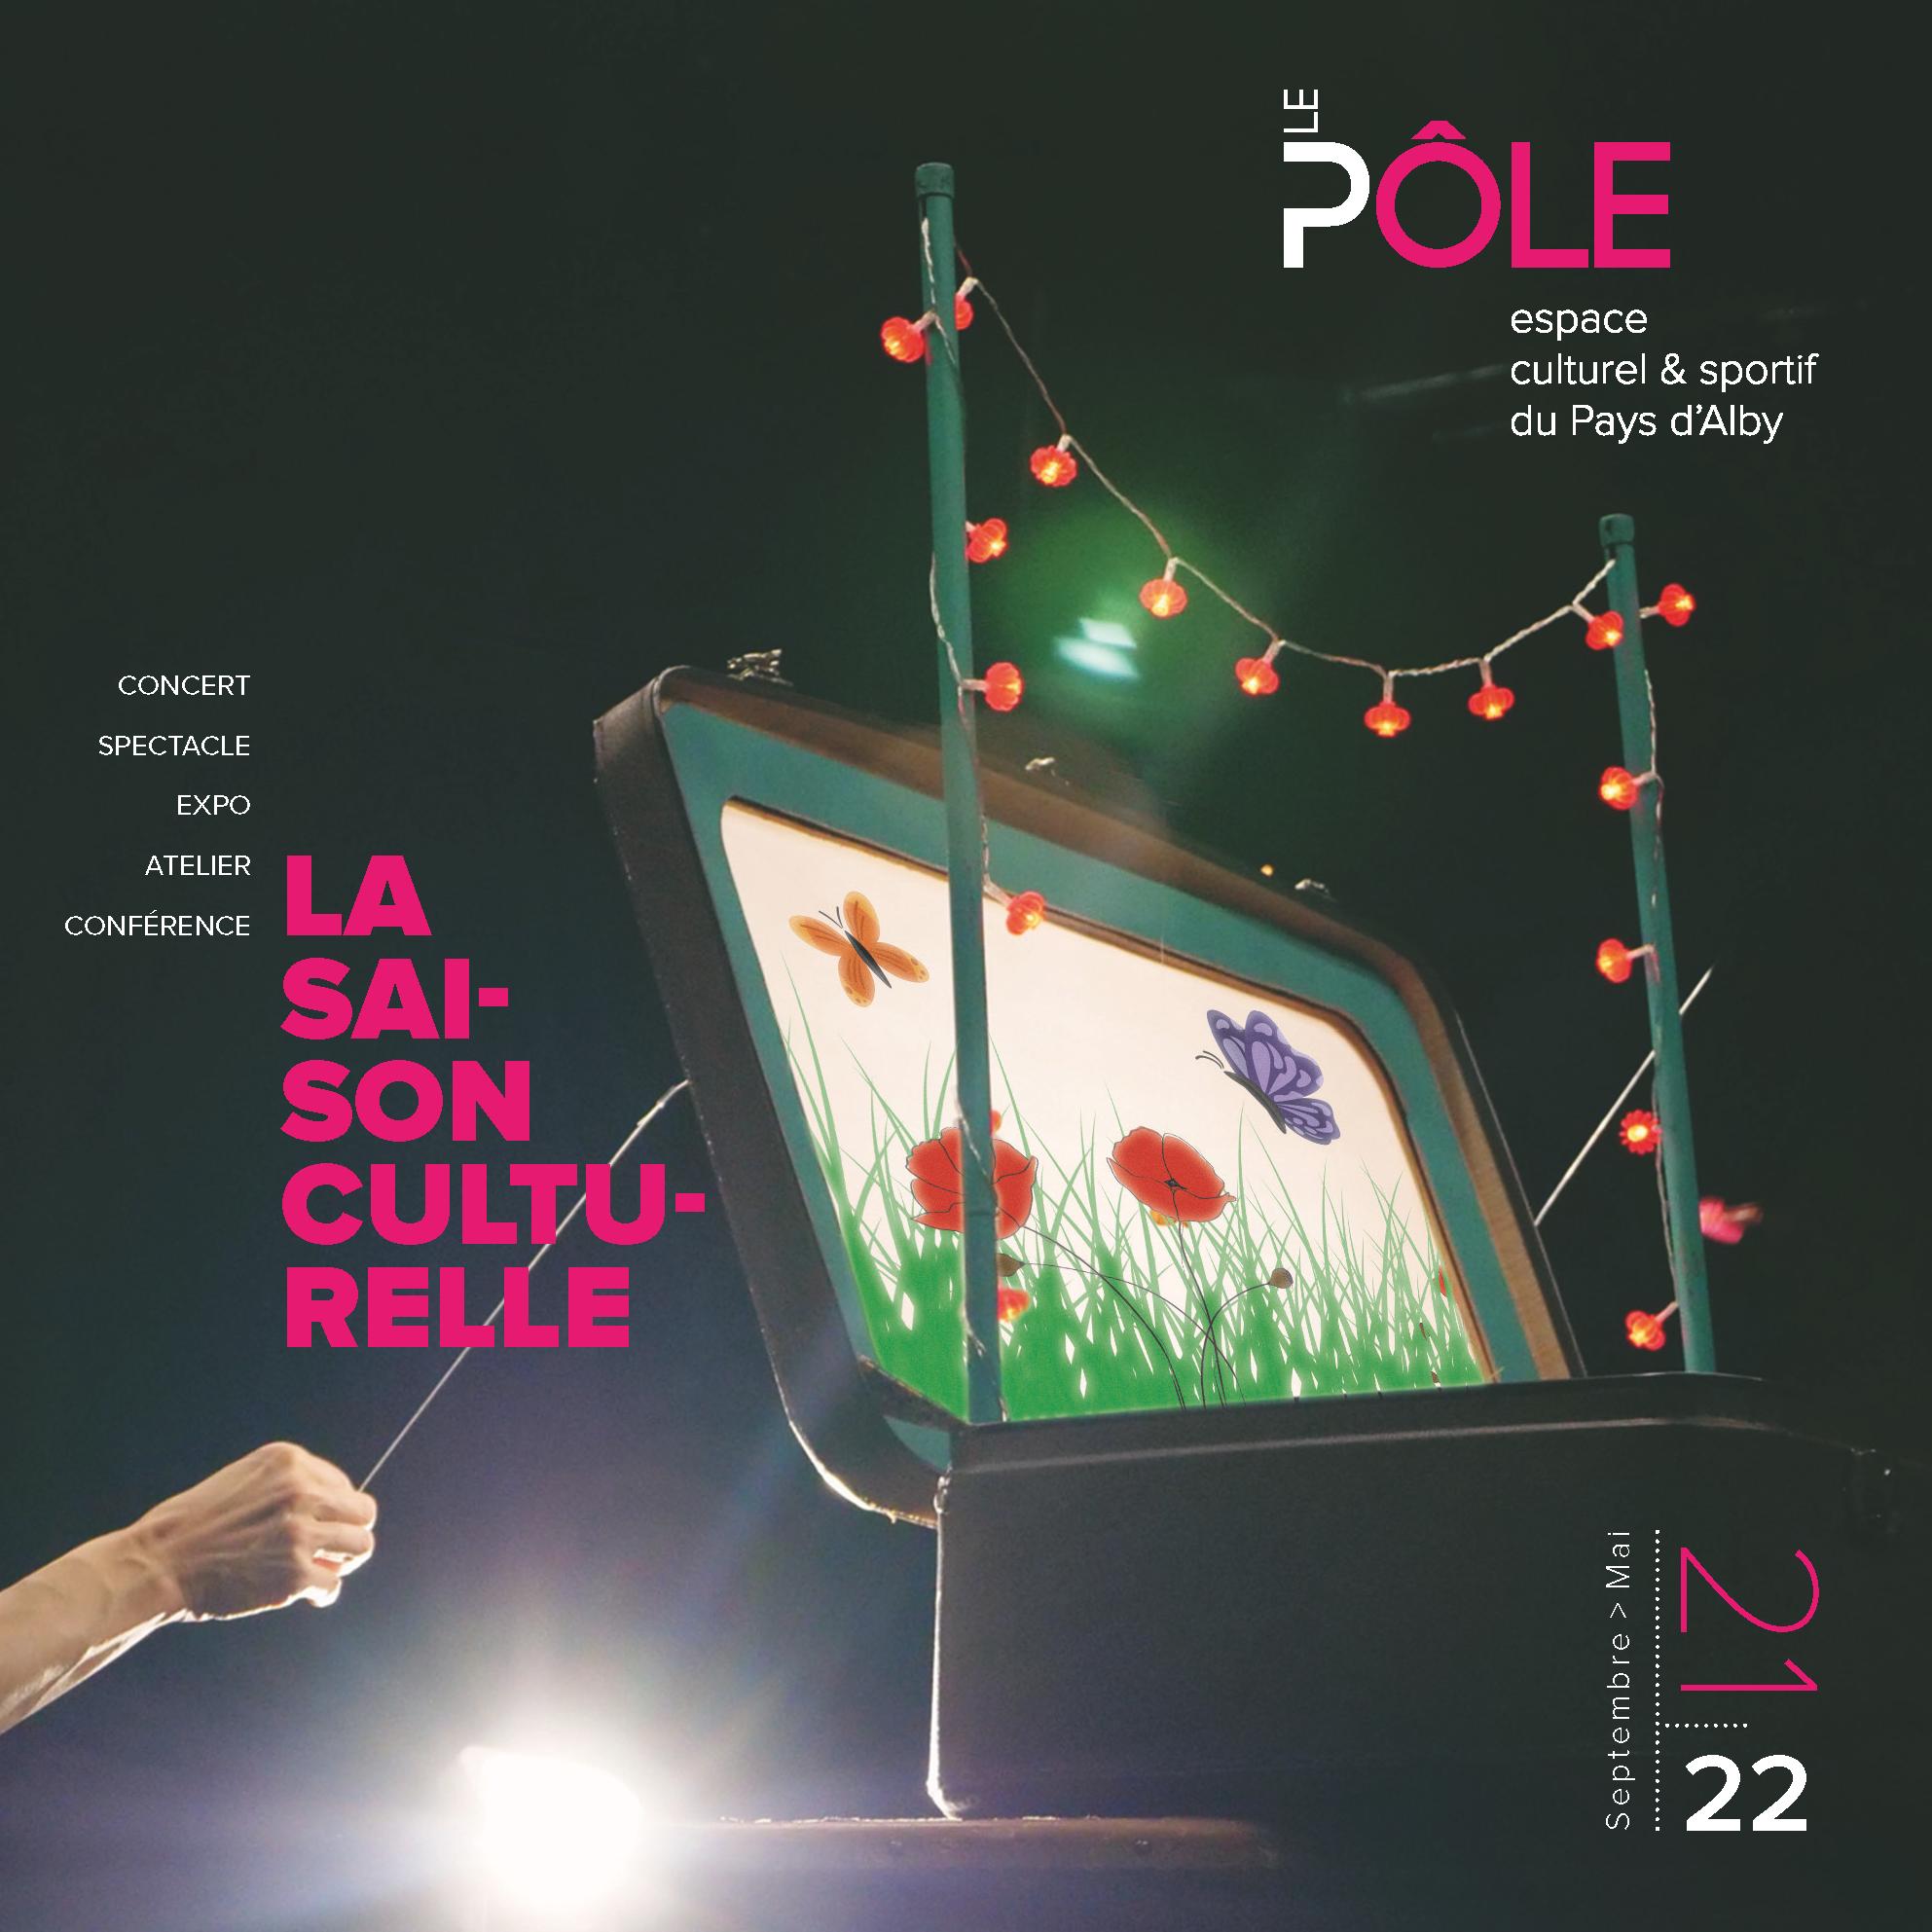 Programme_saison culturelle 21-22_Le Pôle HD_Page_01.png